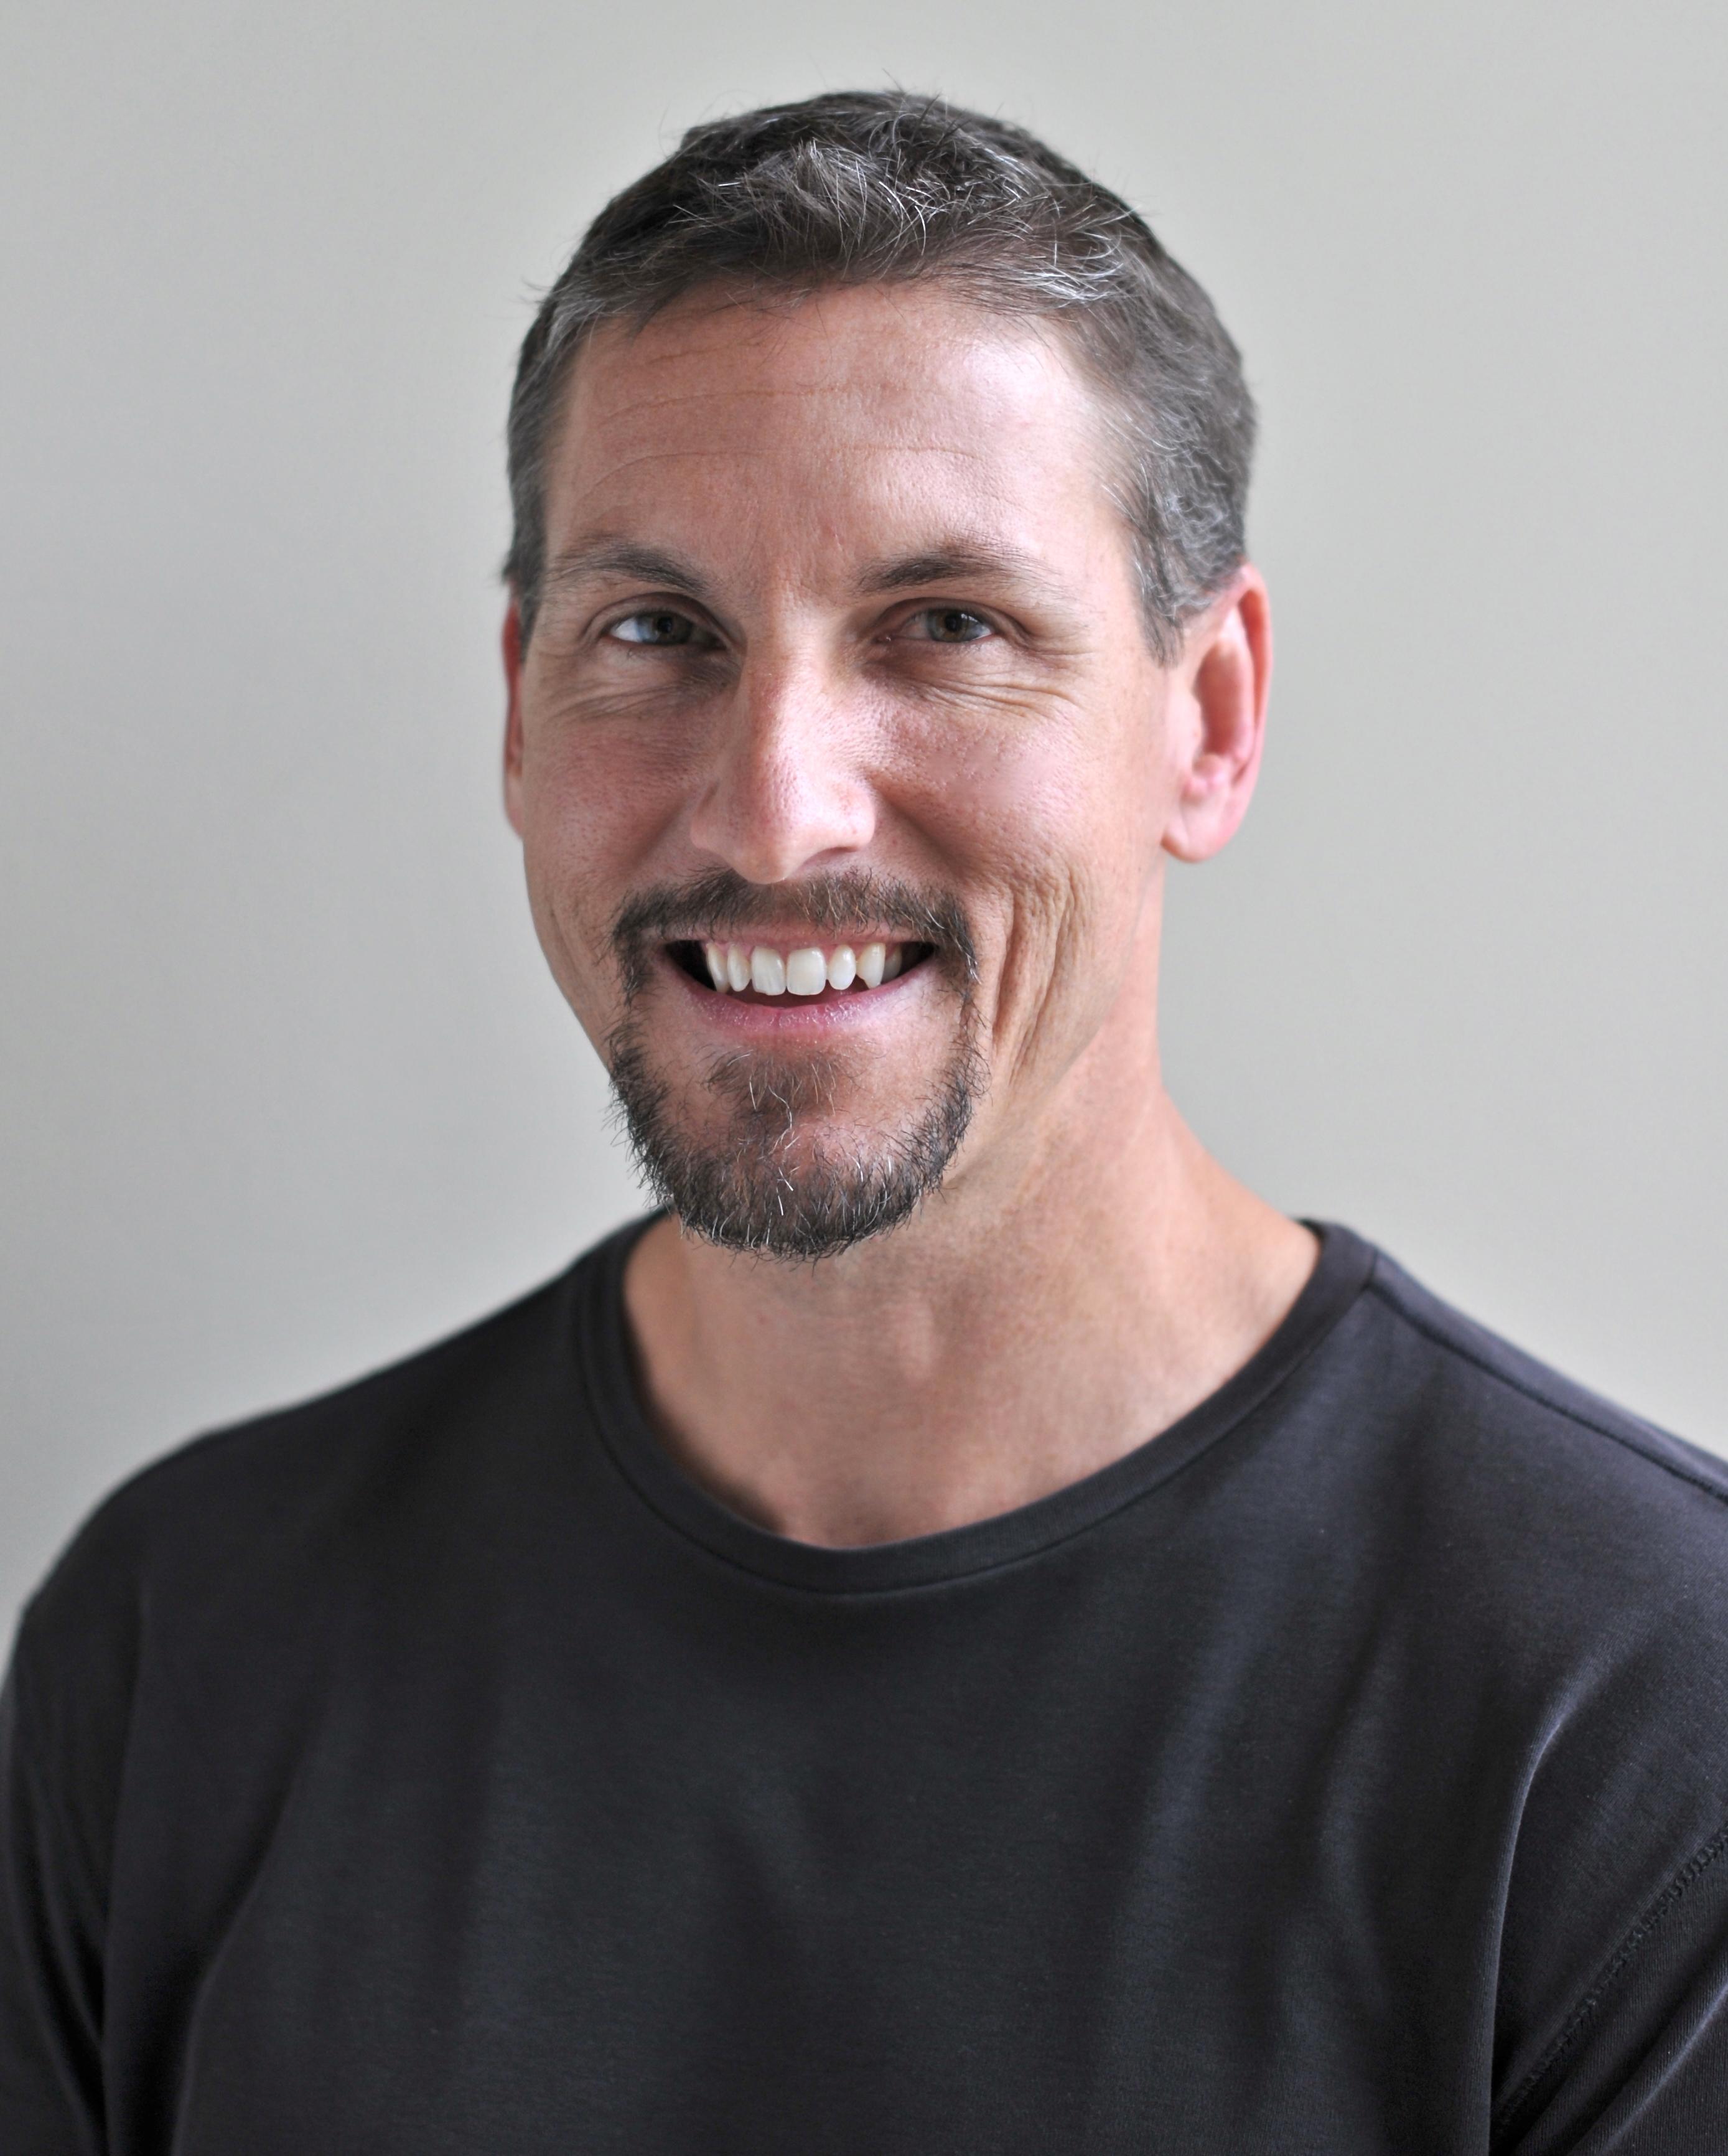 Alan Knitowski